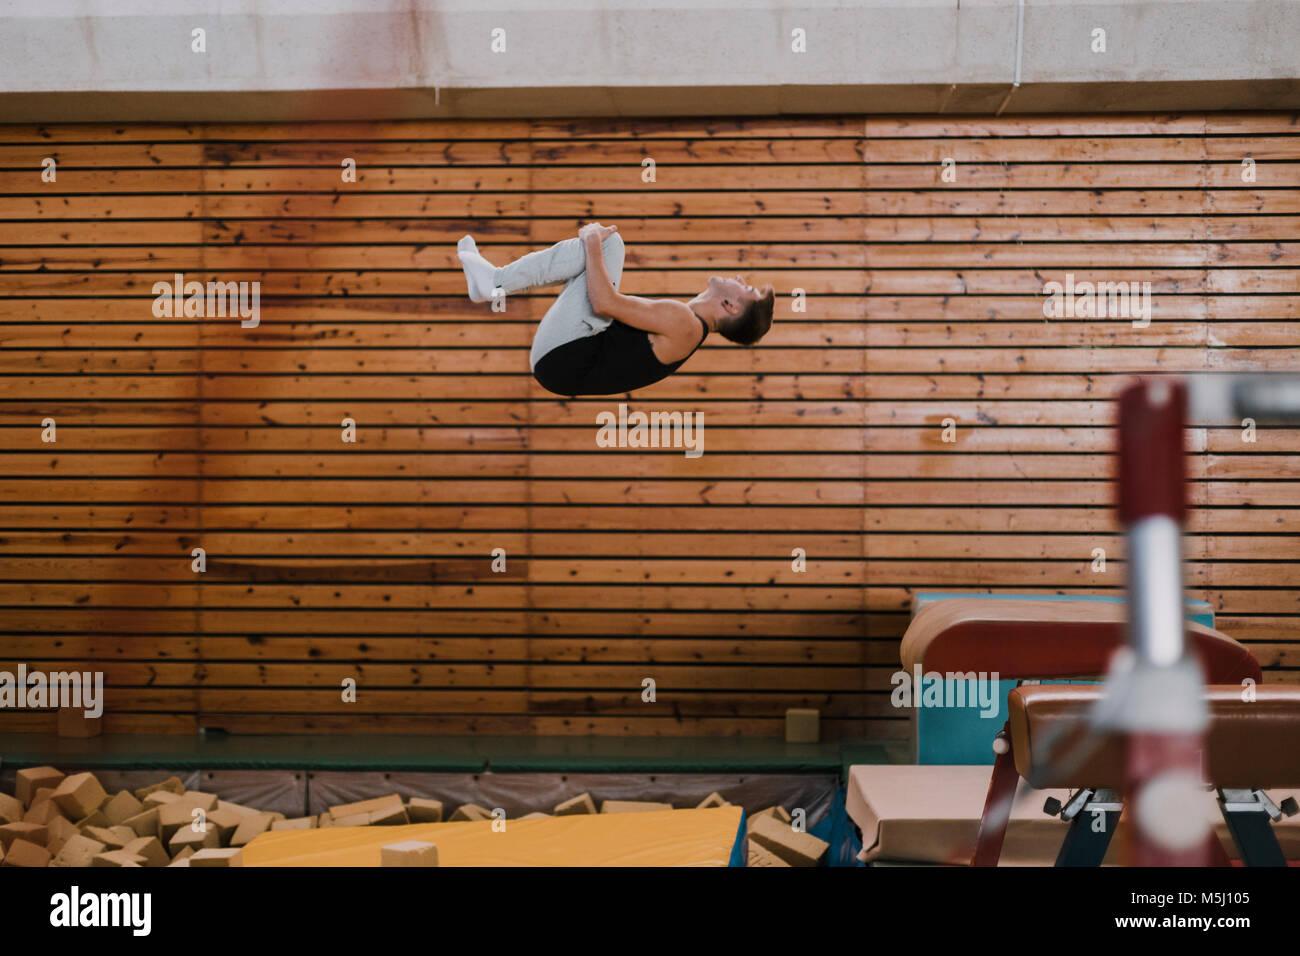 L'exercice de gymnastique à la table de saut en salle de sport Photo Stock